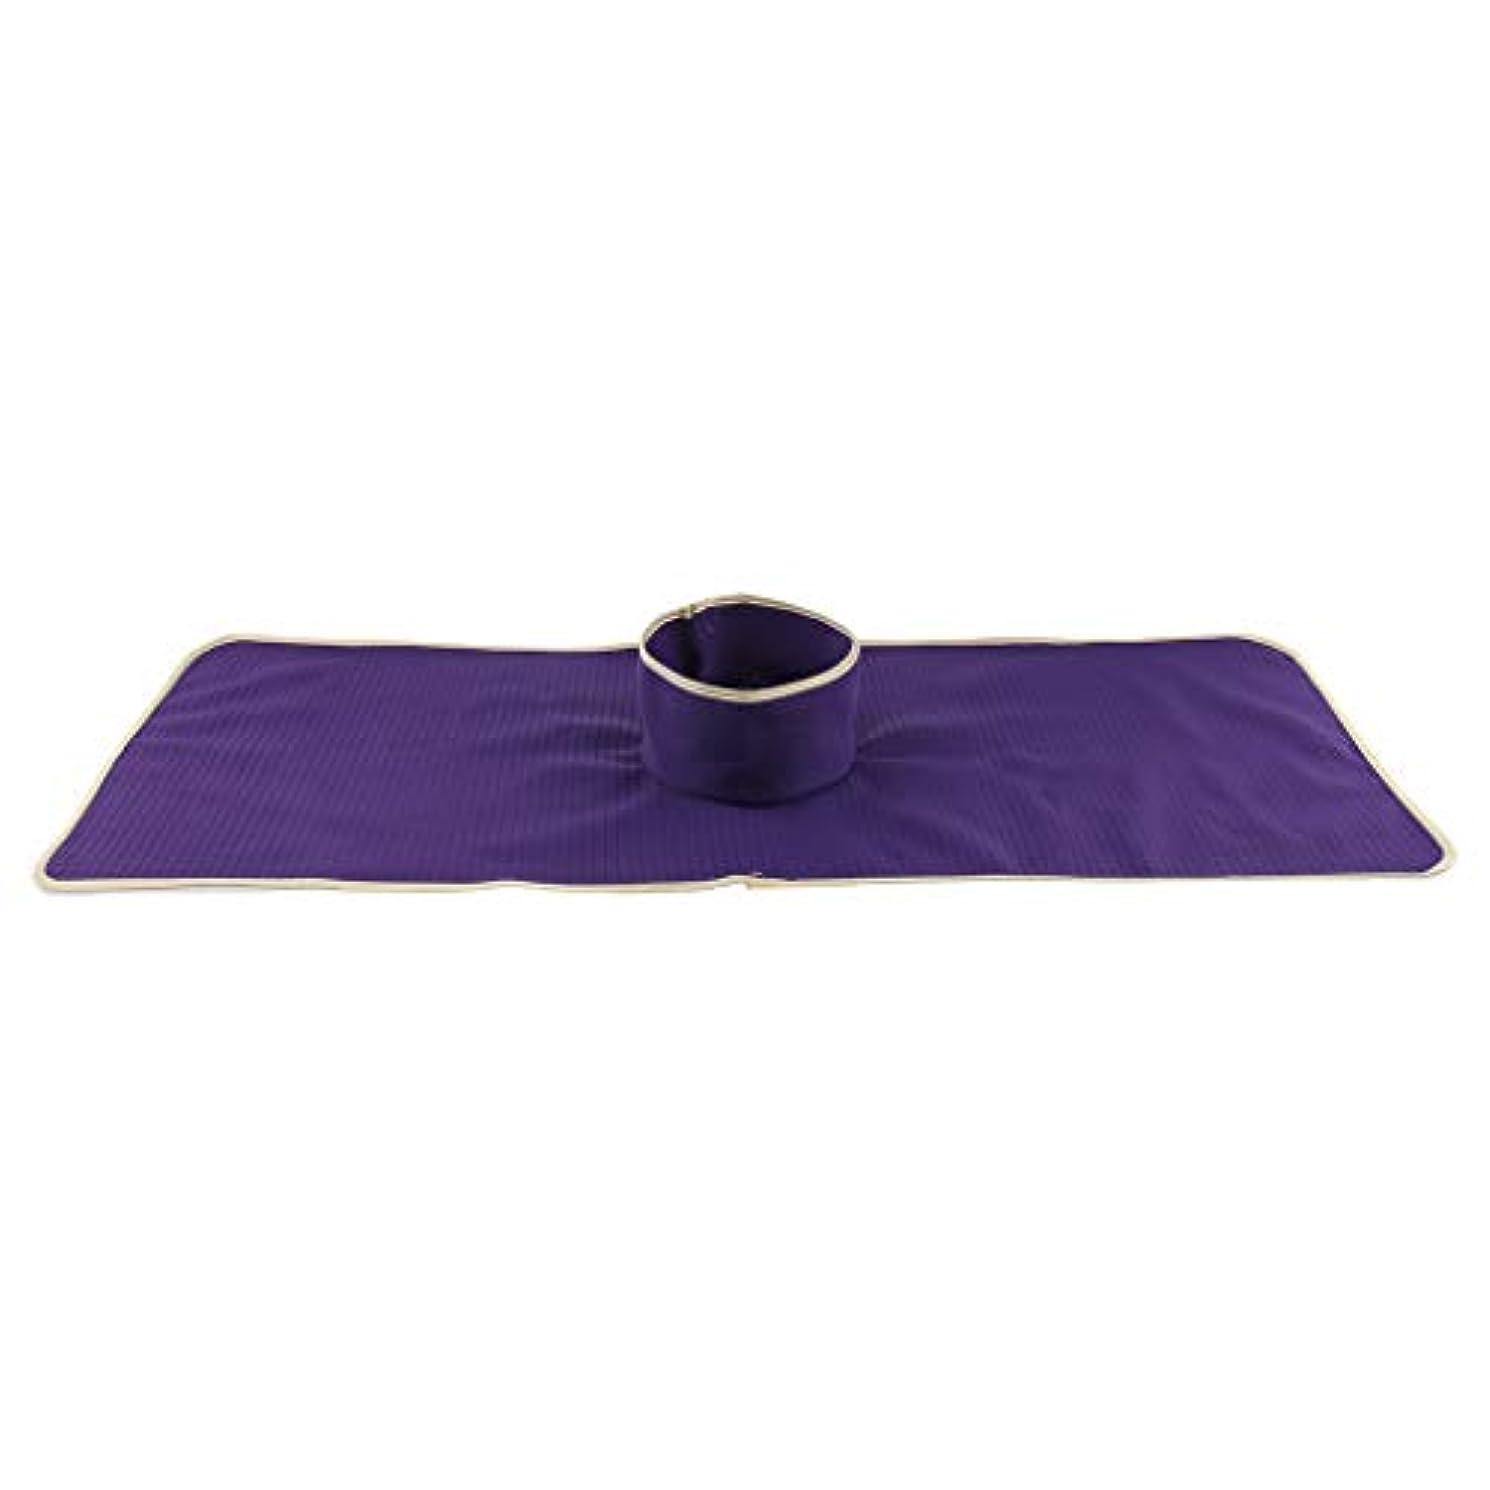 疲れたしゃがむ非アクティブFLAMEER マッサージのベッド用 パッド マット 顔の穴付き 洗える 約90×35cm 全3色 - 紫